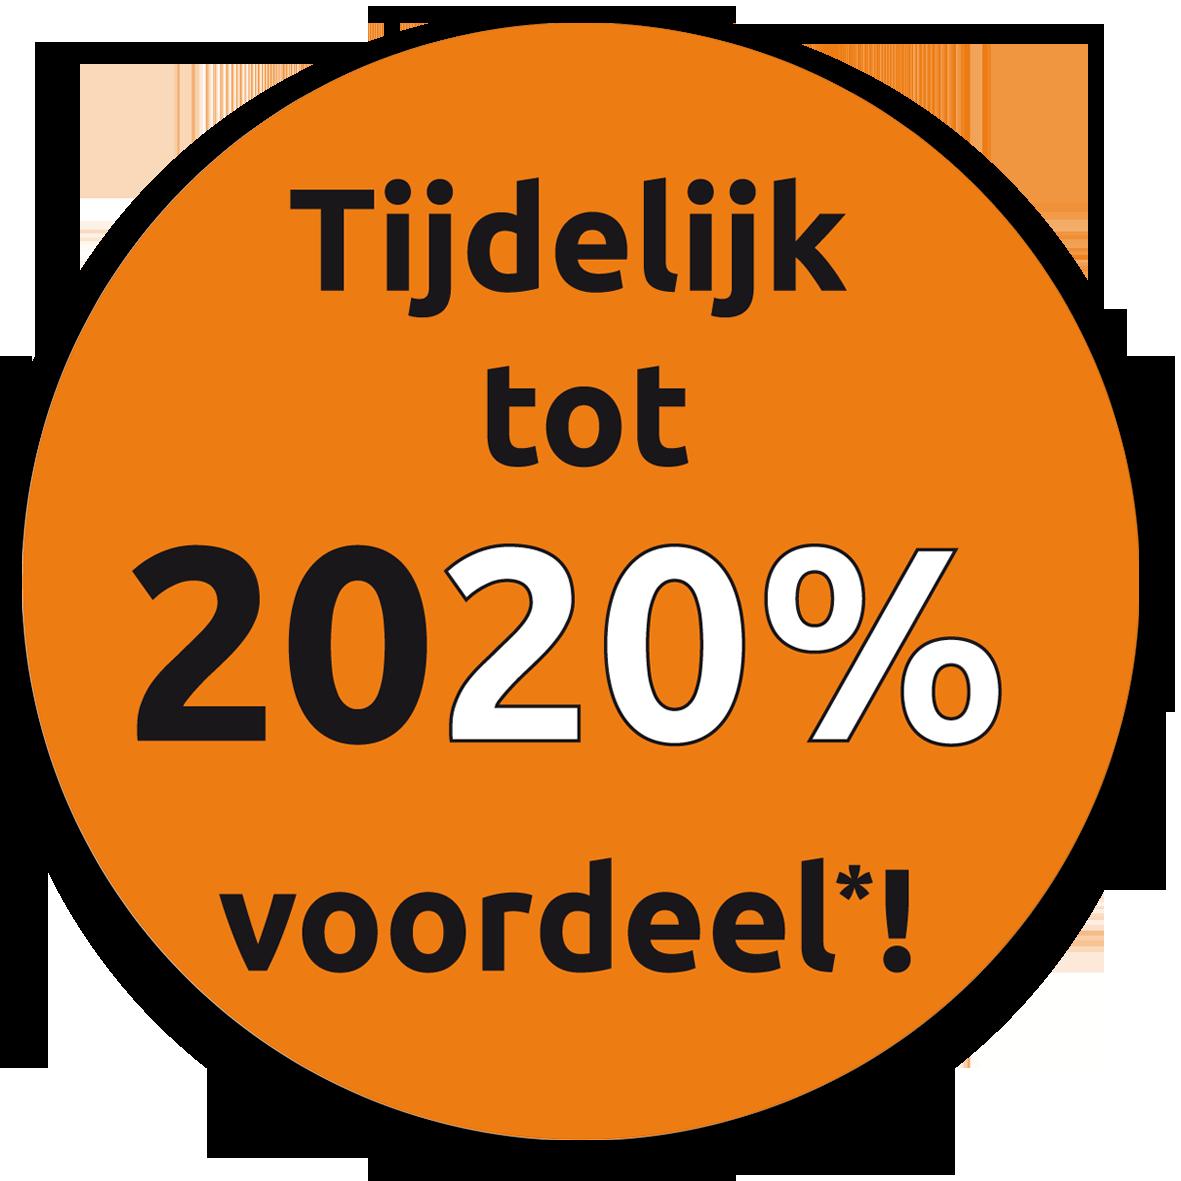 2020Voordeel